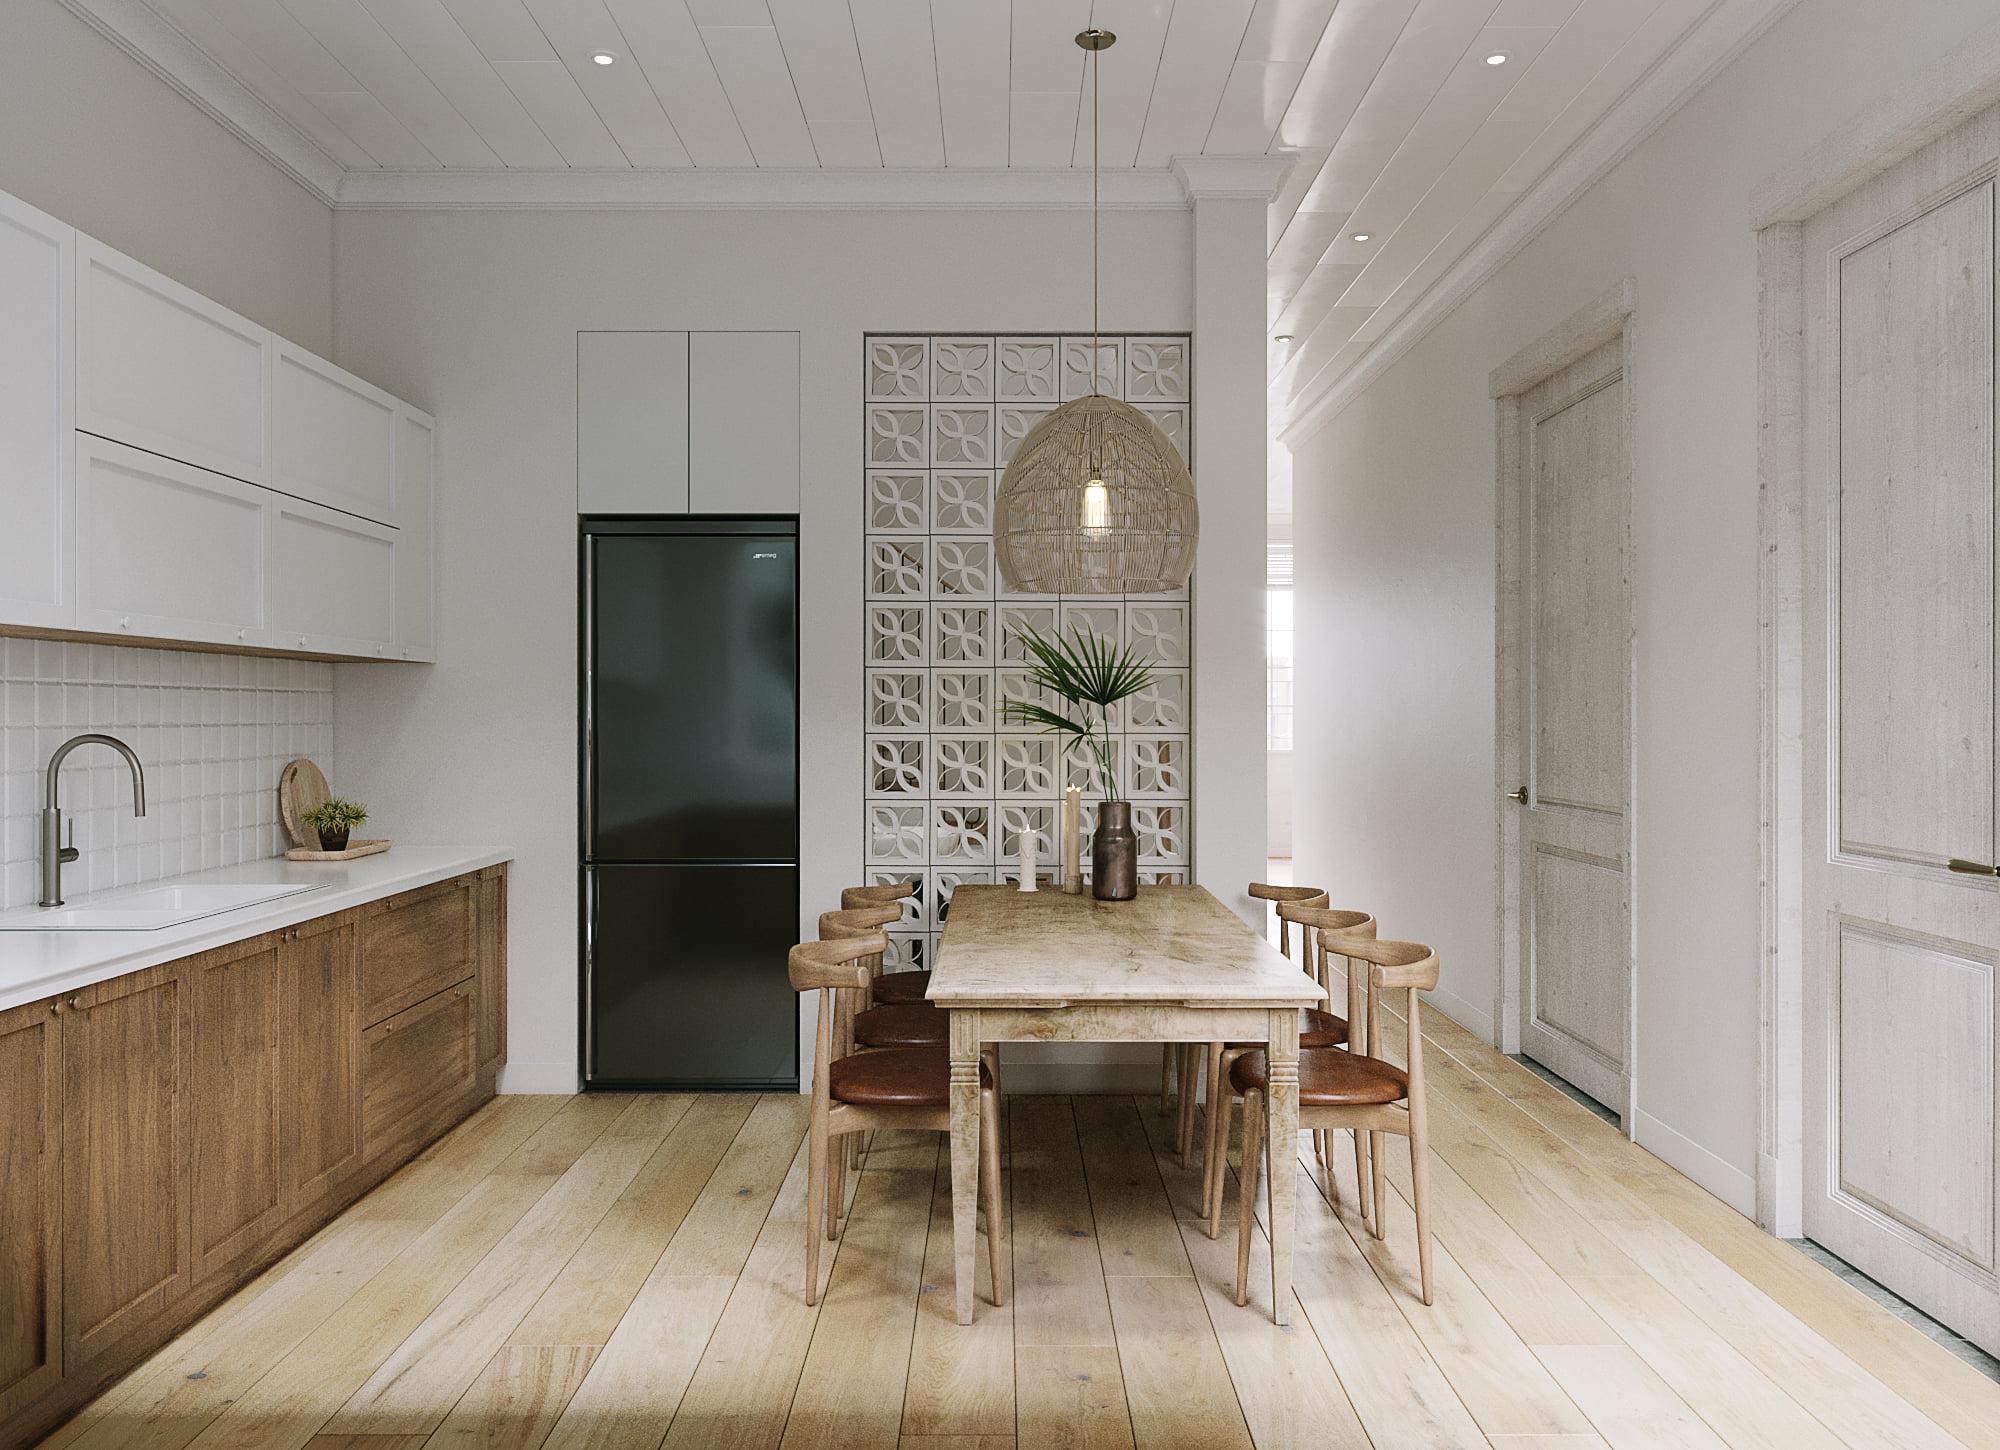 Nét hoài cổ giản dị với thiết kế căn hộ phong cách vintage